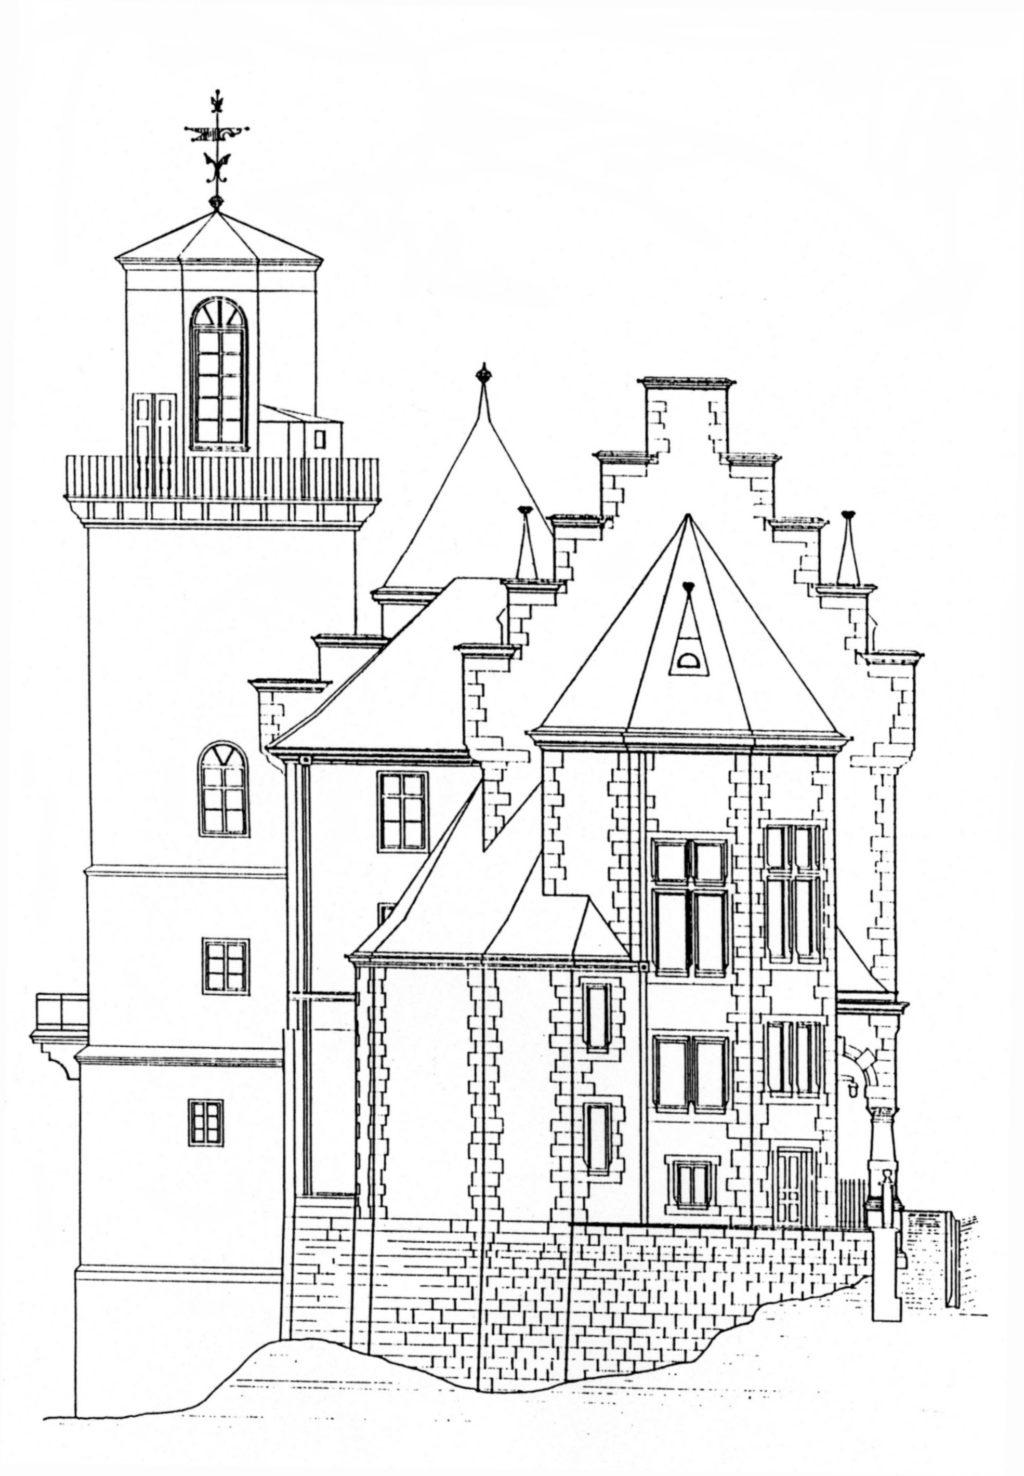 Skizze des Gebäudes Renthof 6 mit Sternwarte aus dem Jahr 1890